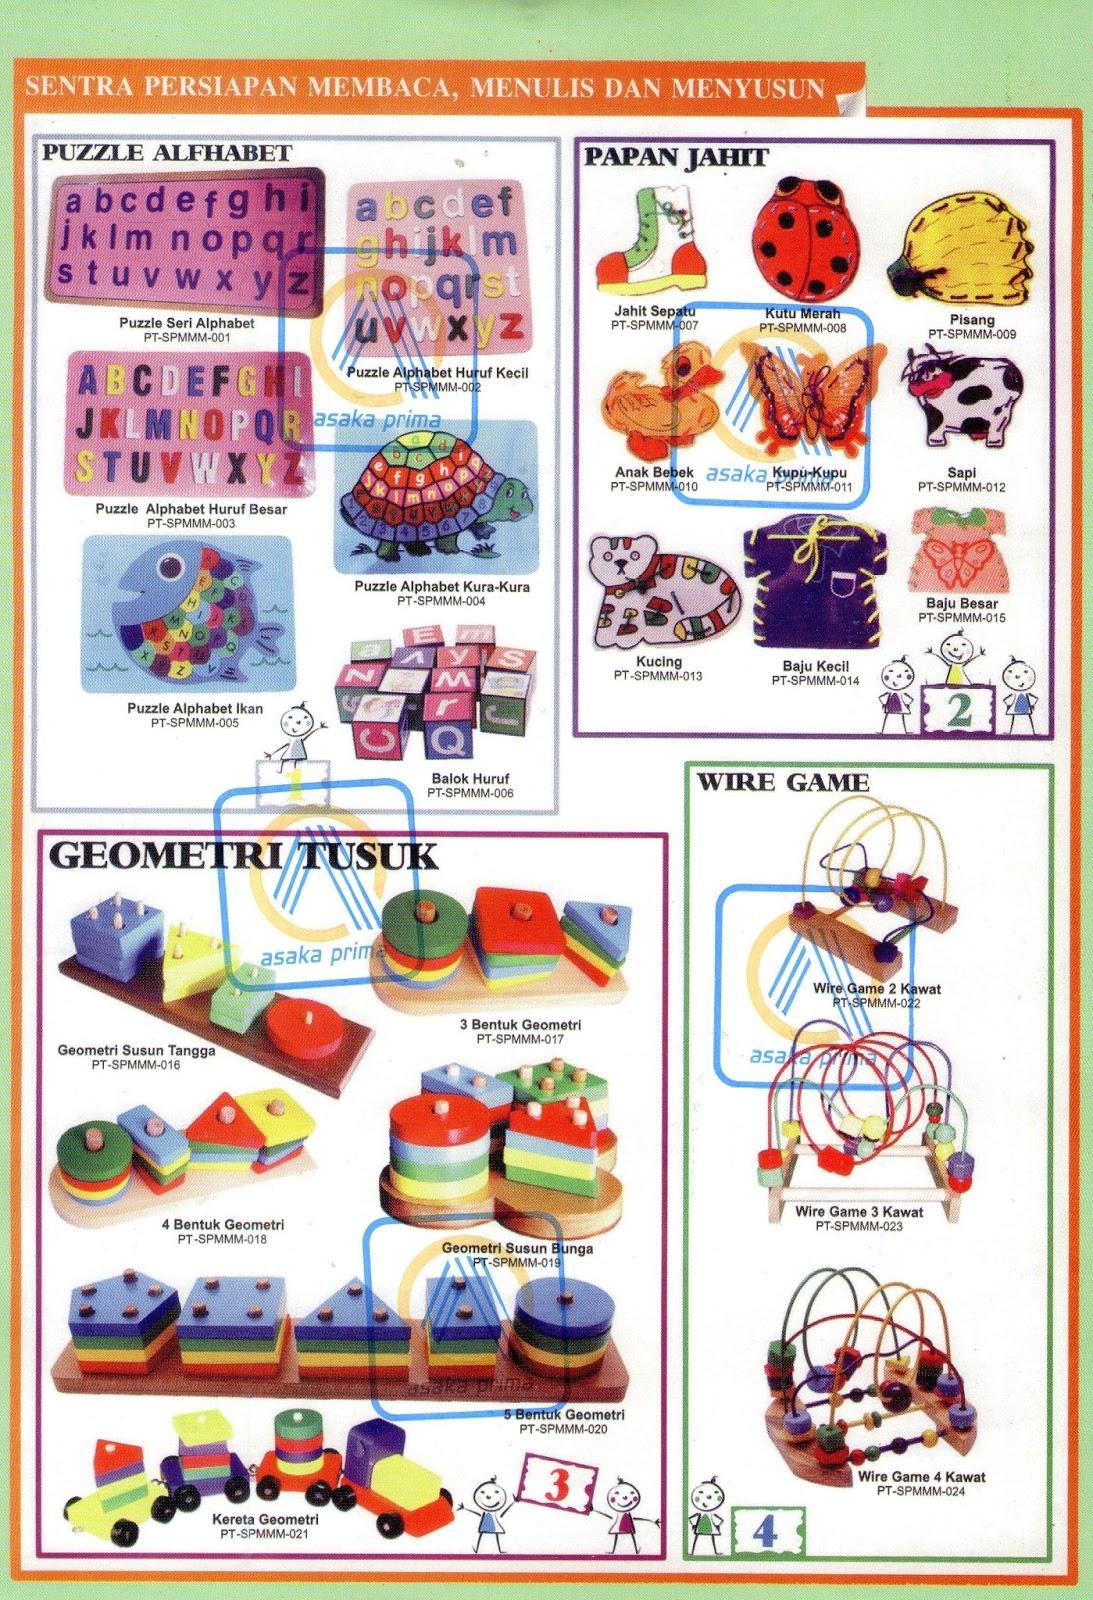 katalog ape,katalog mainan edukatif, daftar mainan edukatif,balok natural,ape kayu,balok pdk,jaul balok pdk,jual balok naturl ape,jual ape,ape paud murah